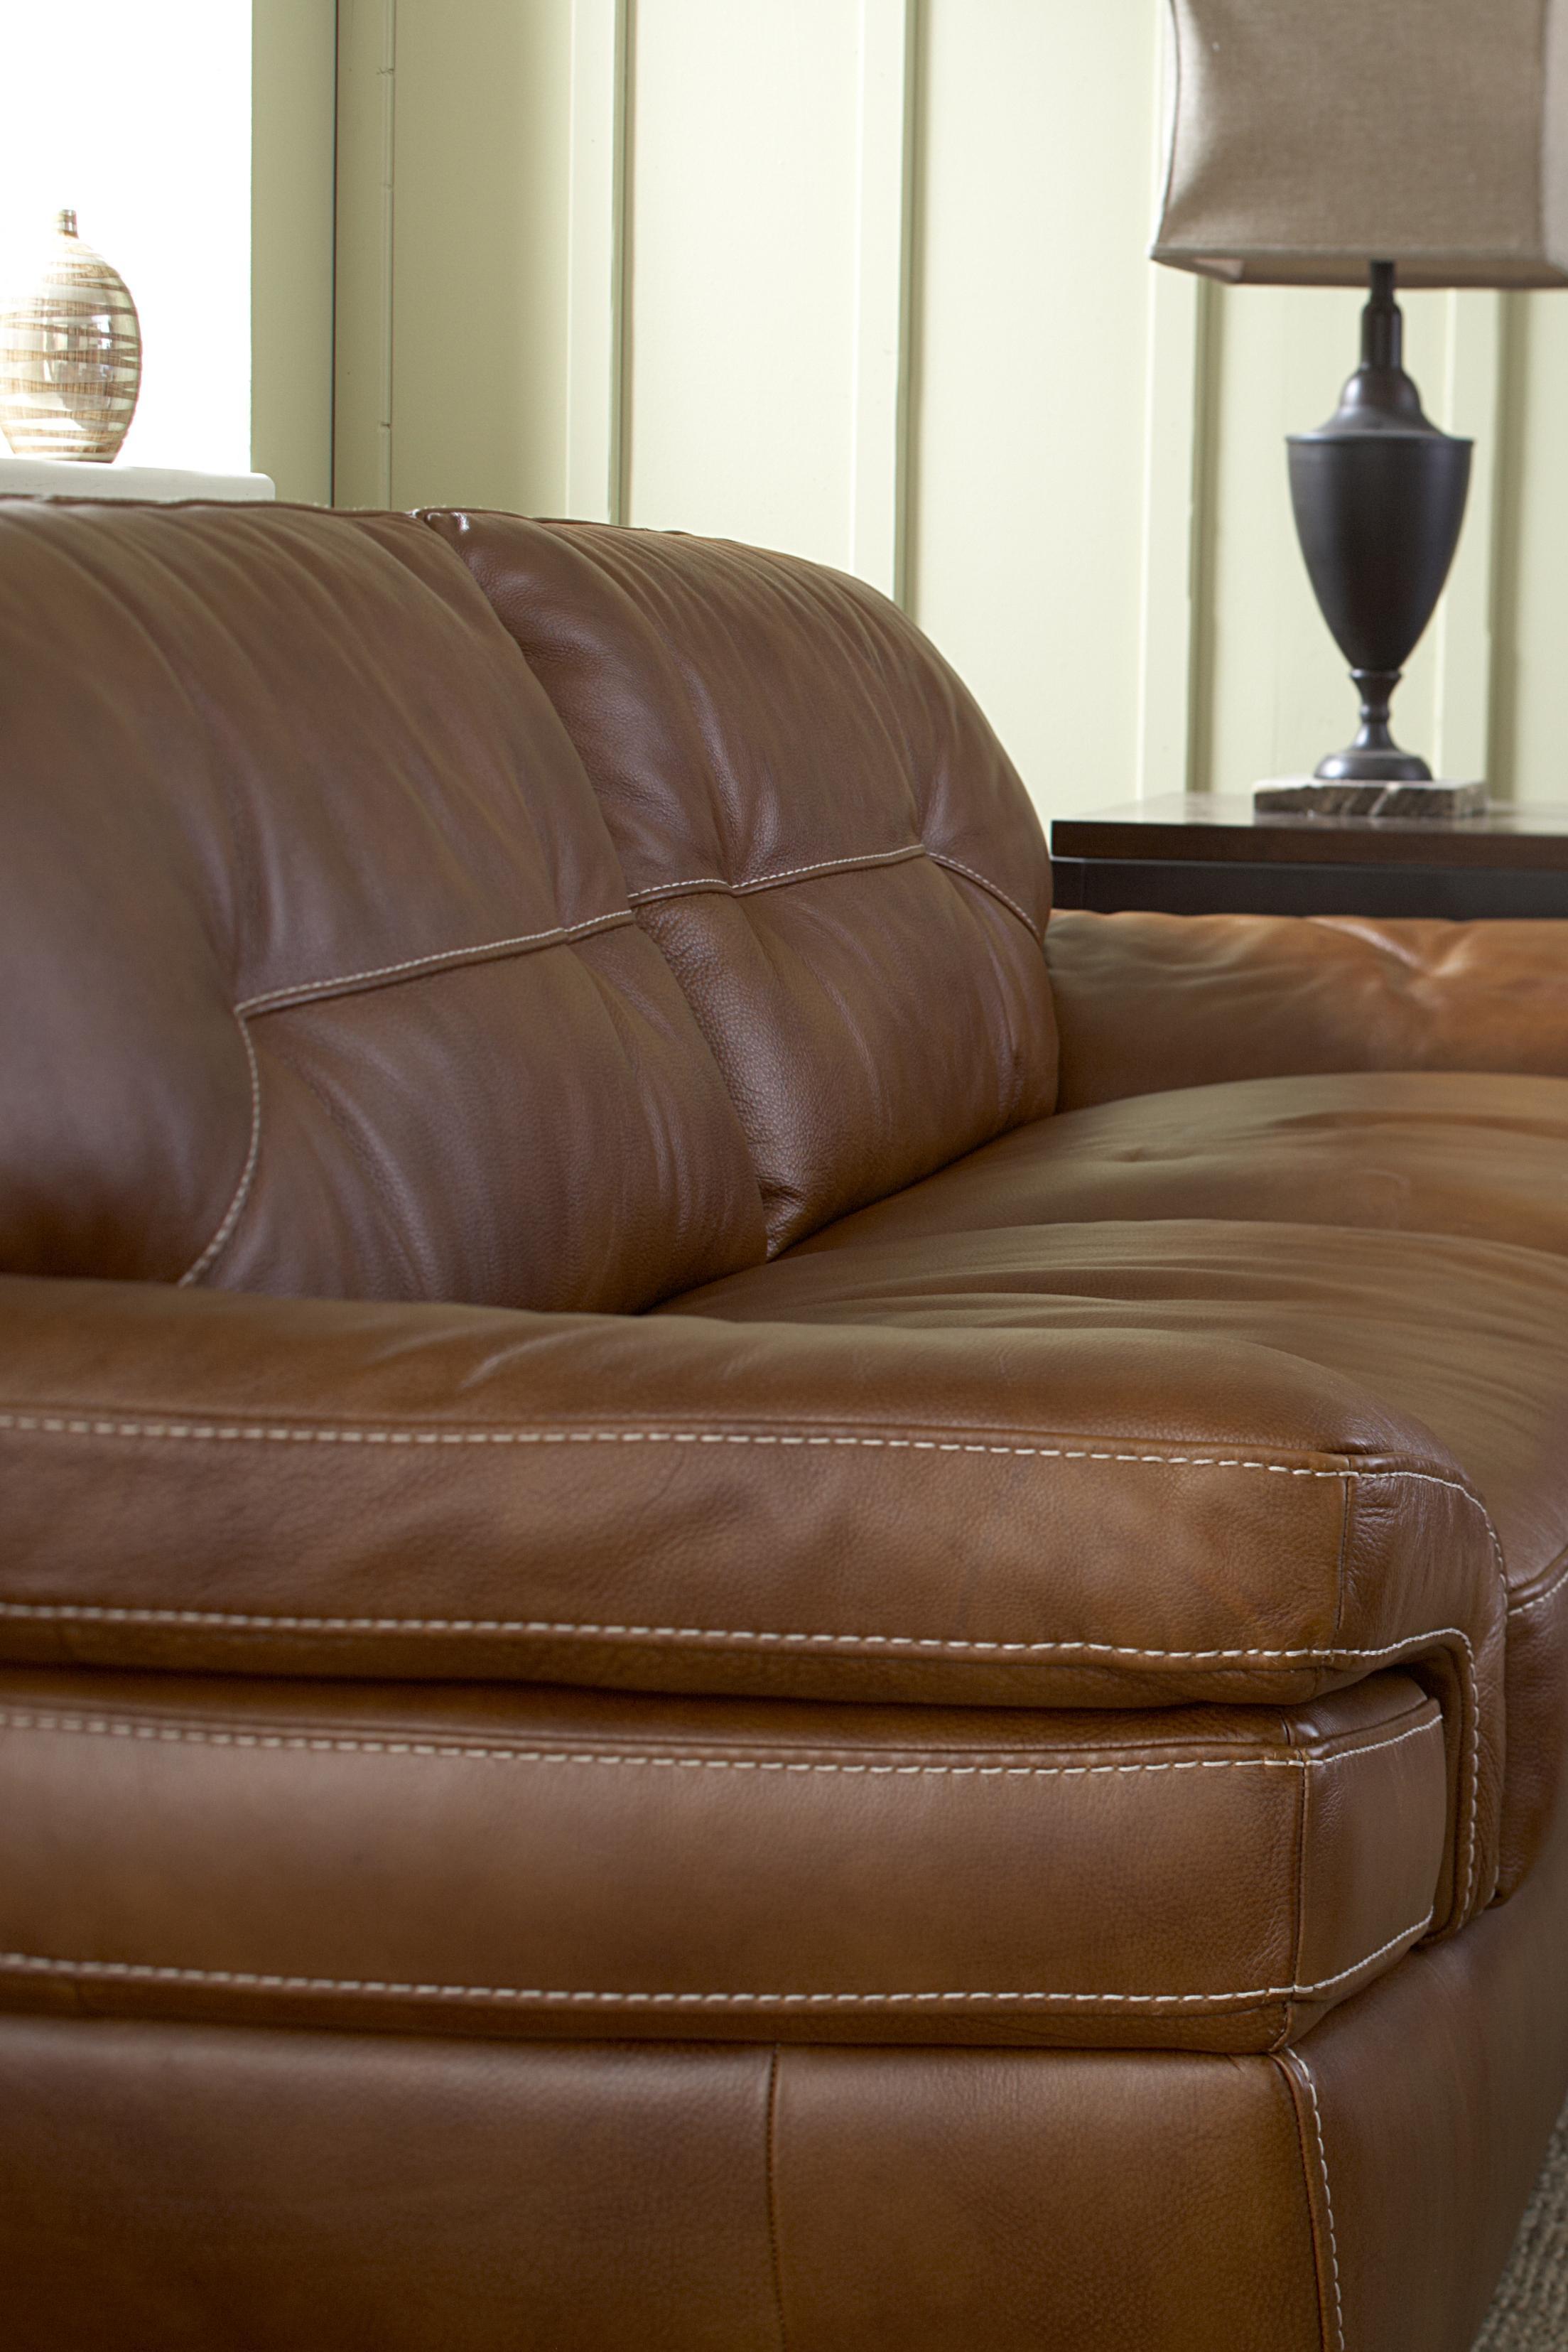 B806 b806 by Natuzzi Editions Baer s Furniture Natuzzi